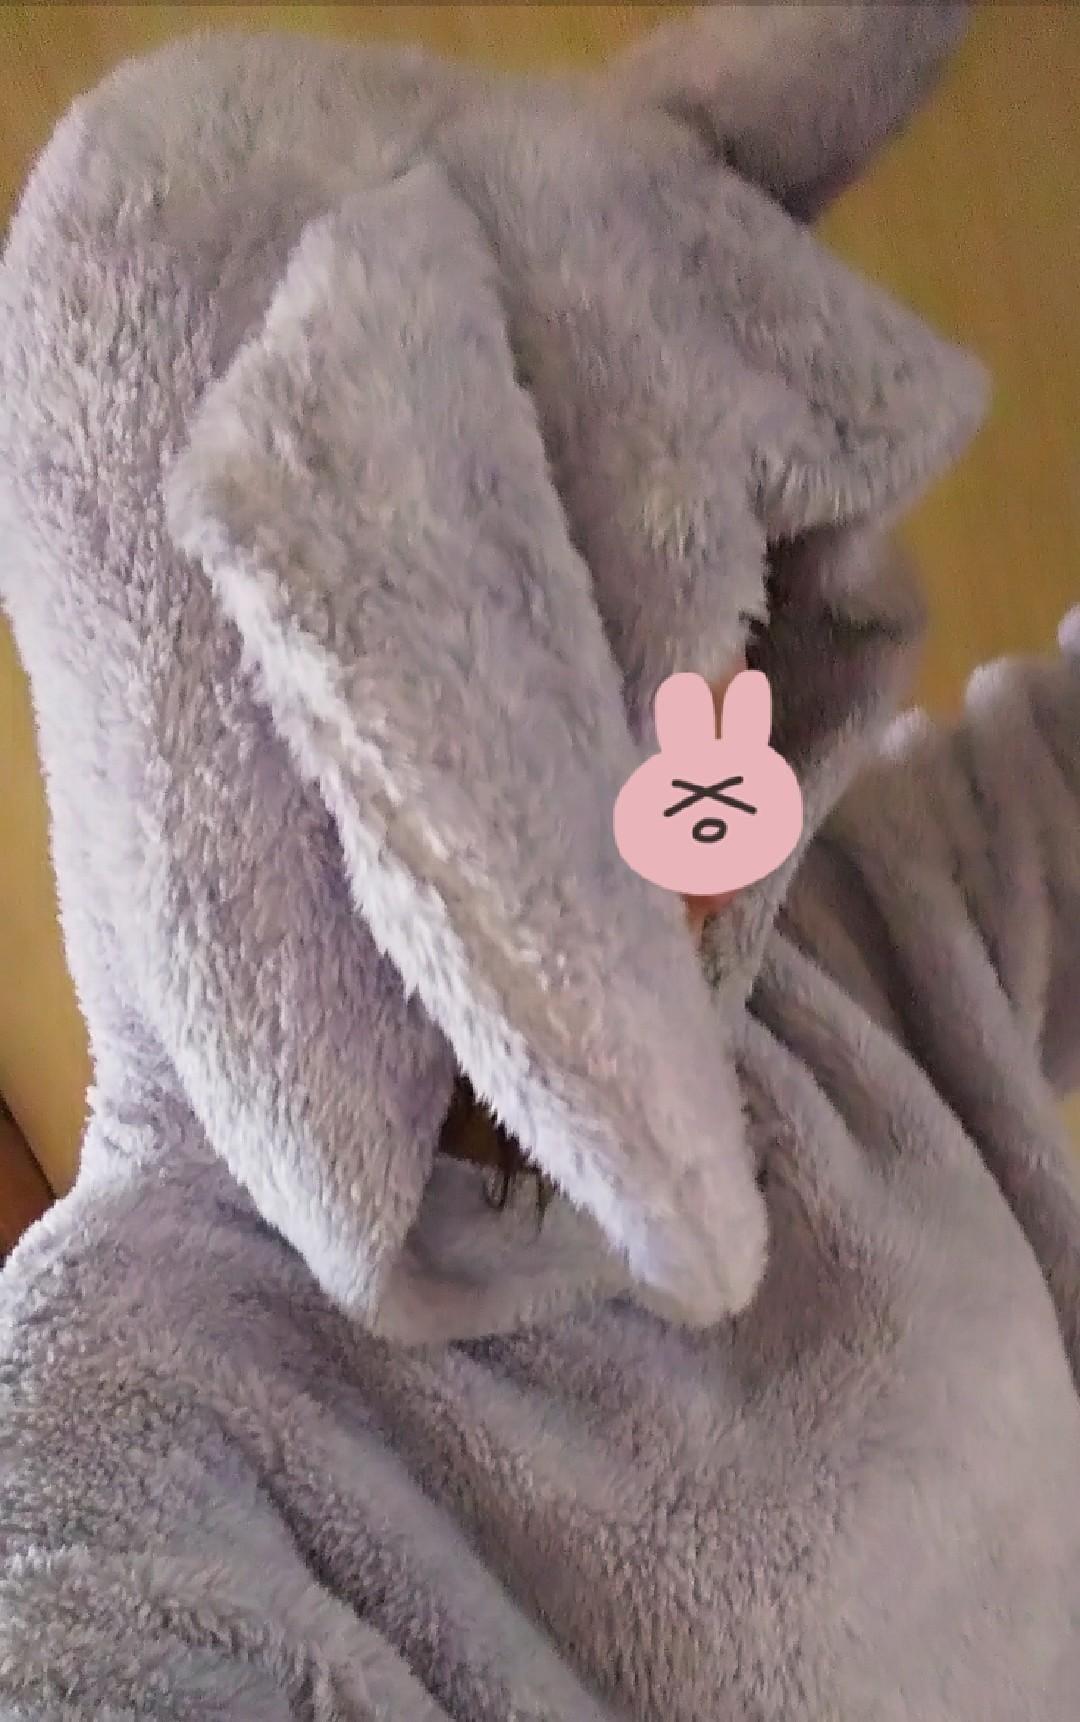 「こんにちは」02/20(土) 07:58 | みおの写メ・風俗動画